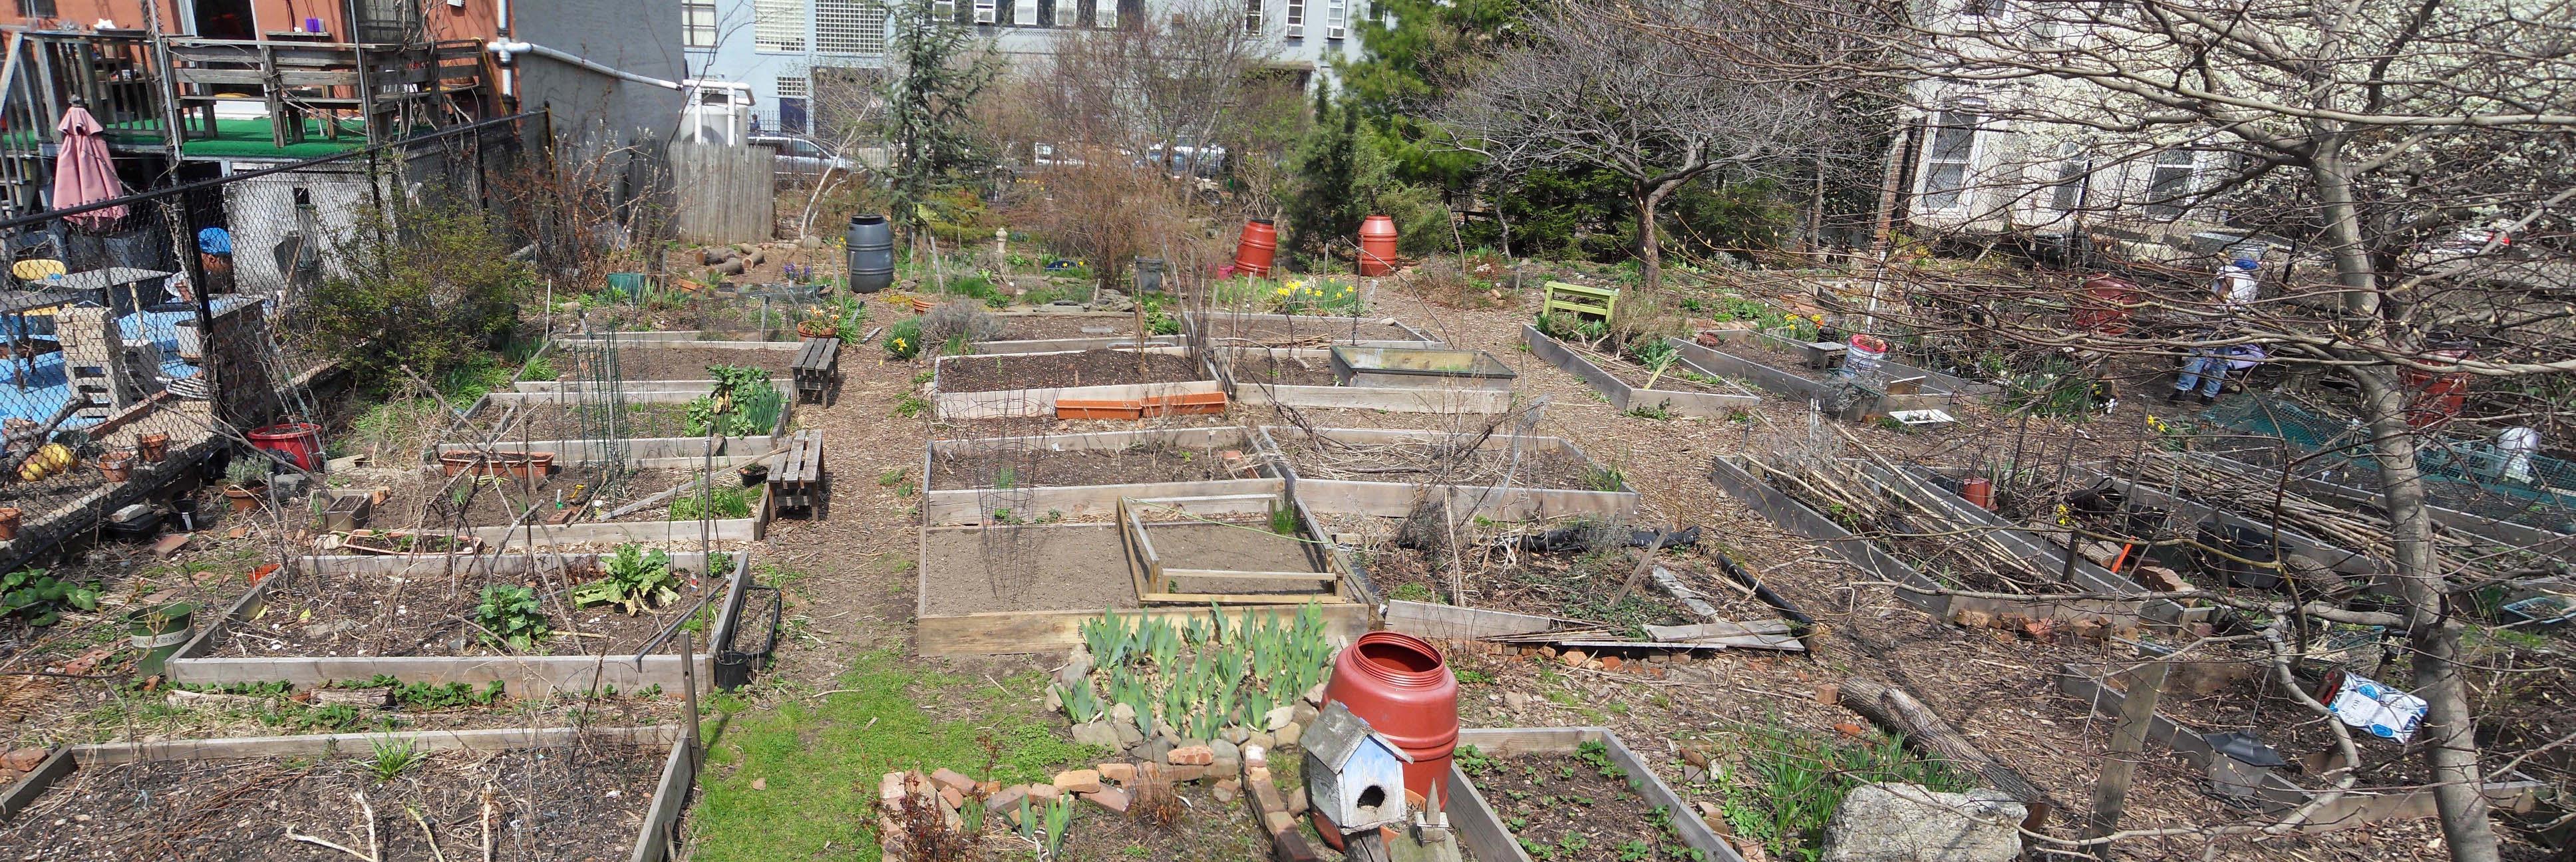 2011 April - Rear of garden